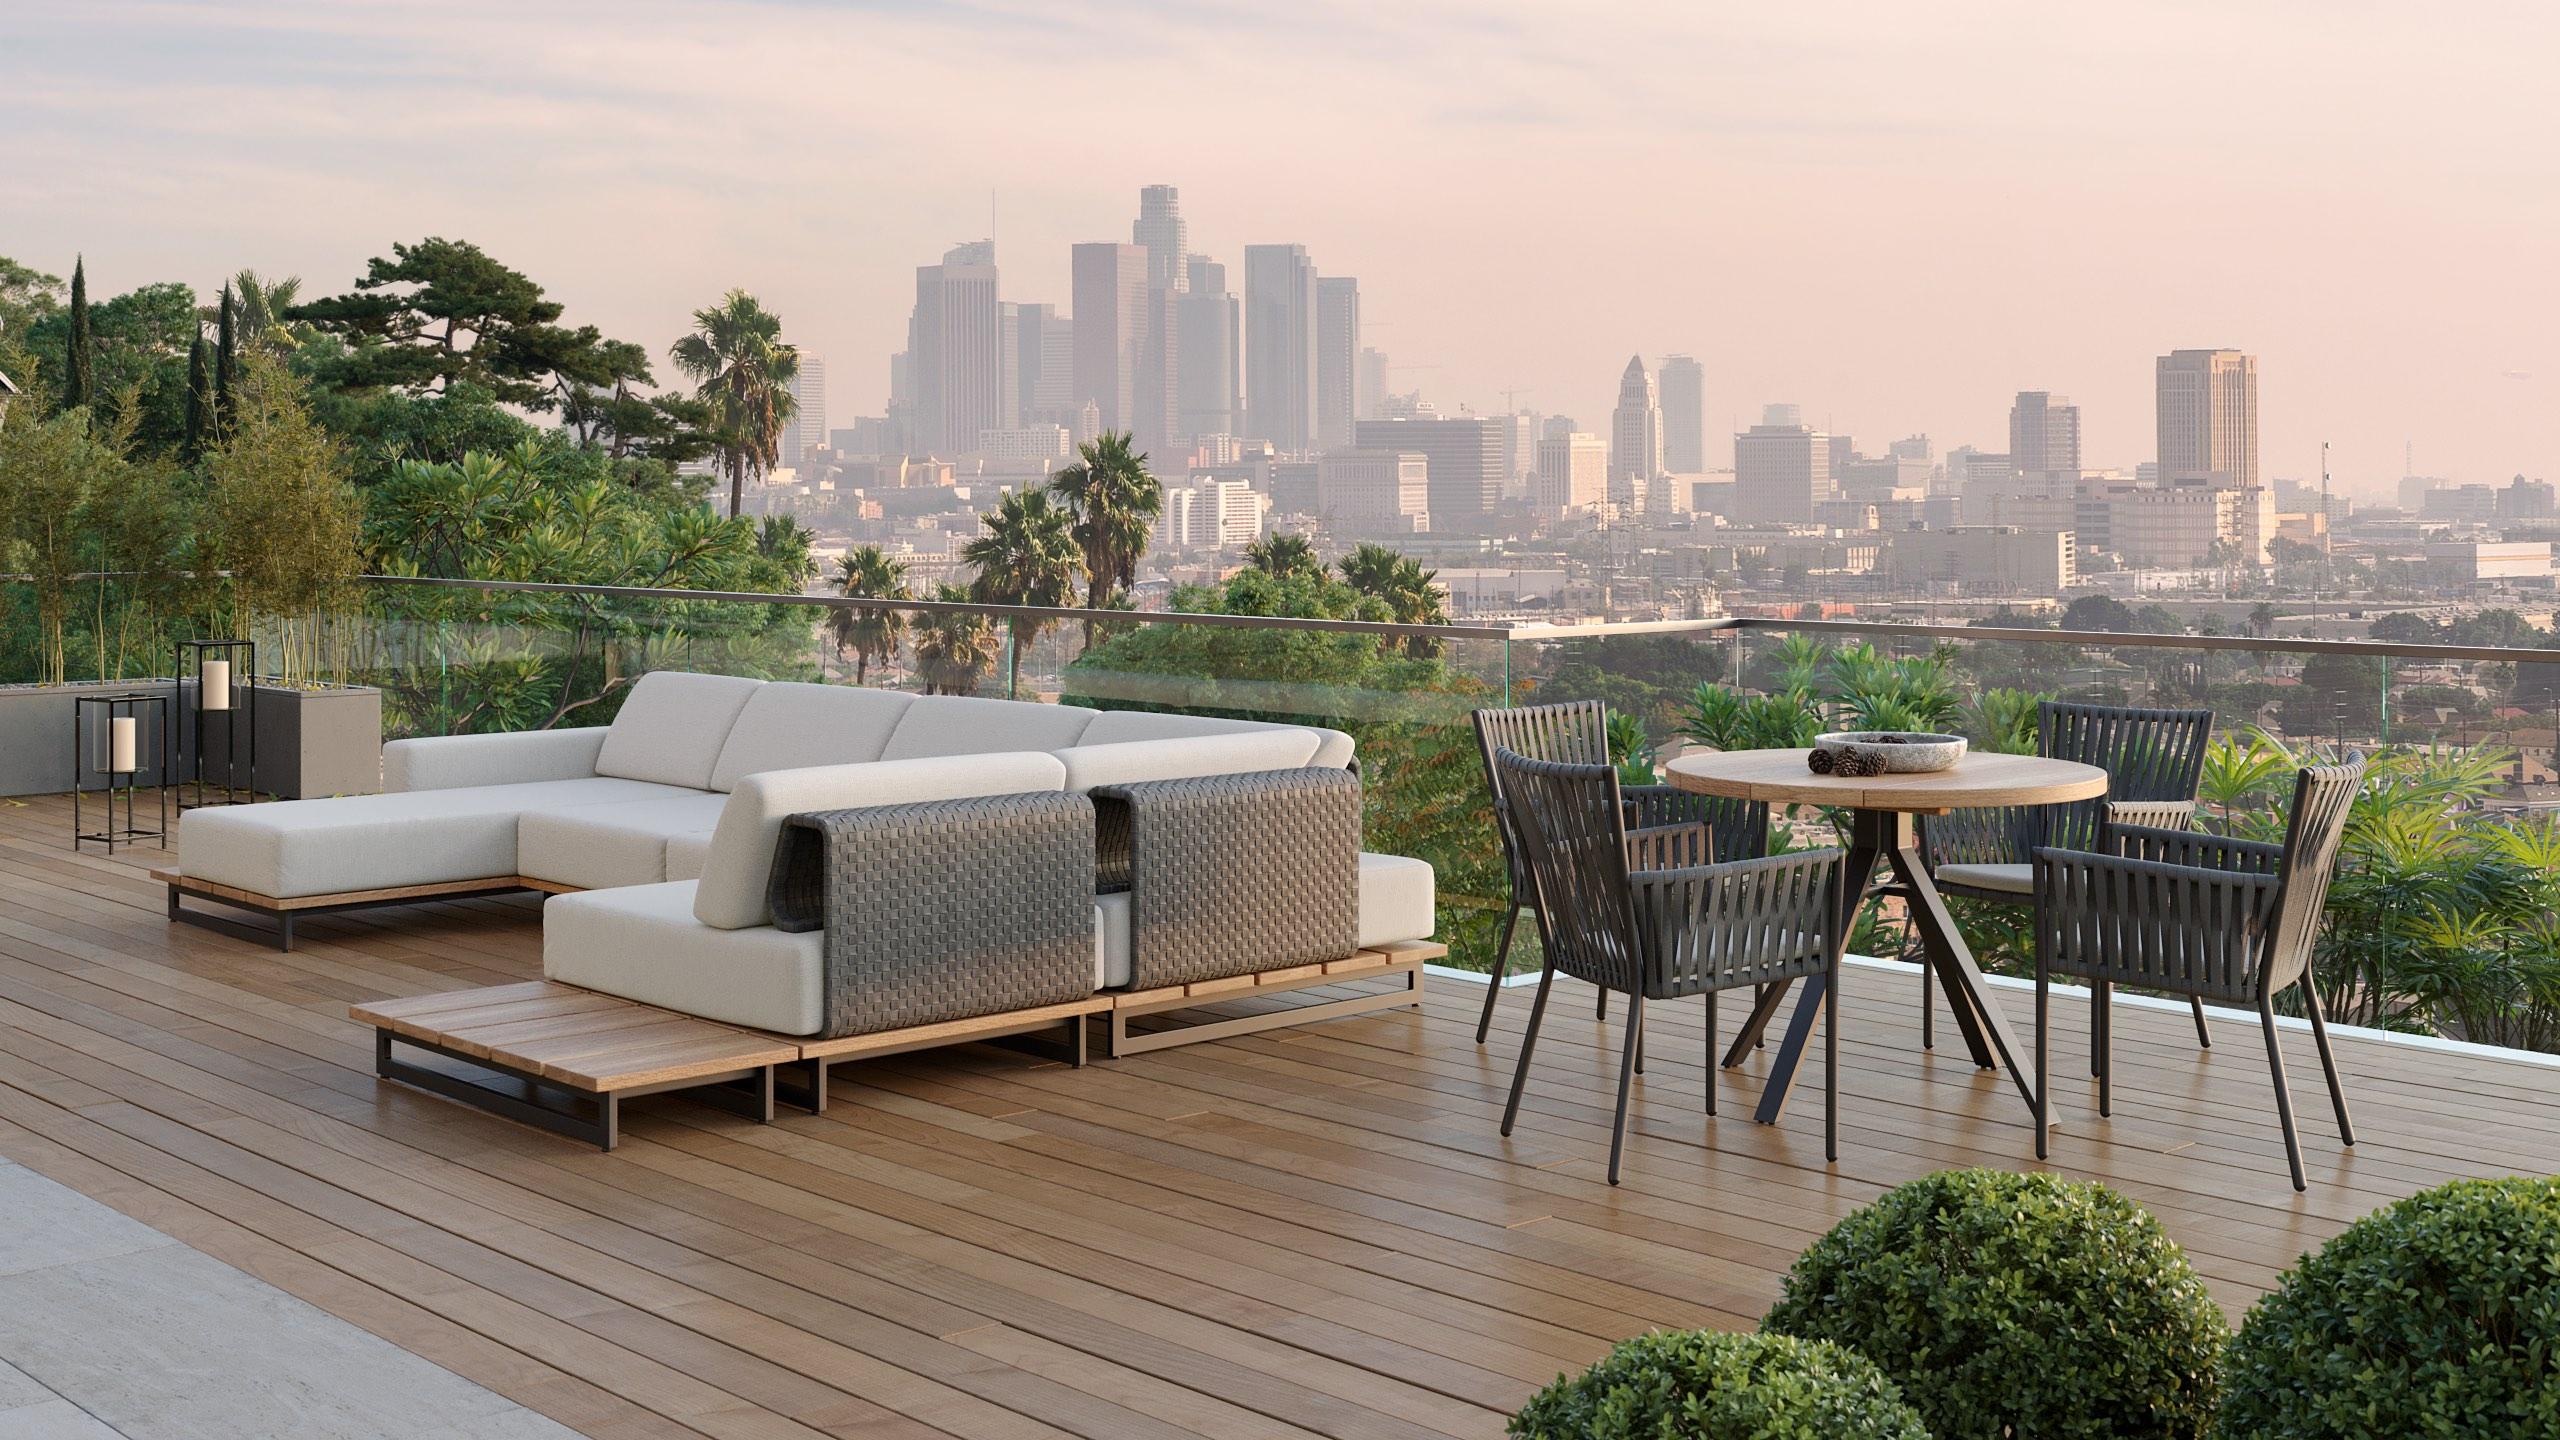 Gartenmöbel und Lougemöbel für Balkon und Terrasse